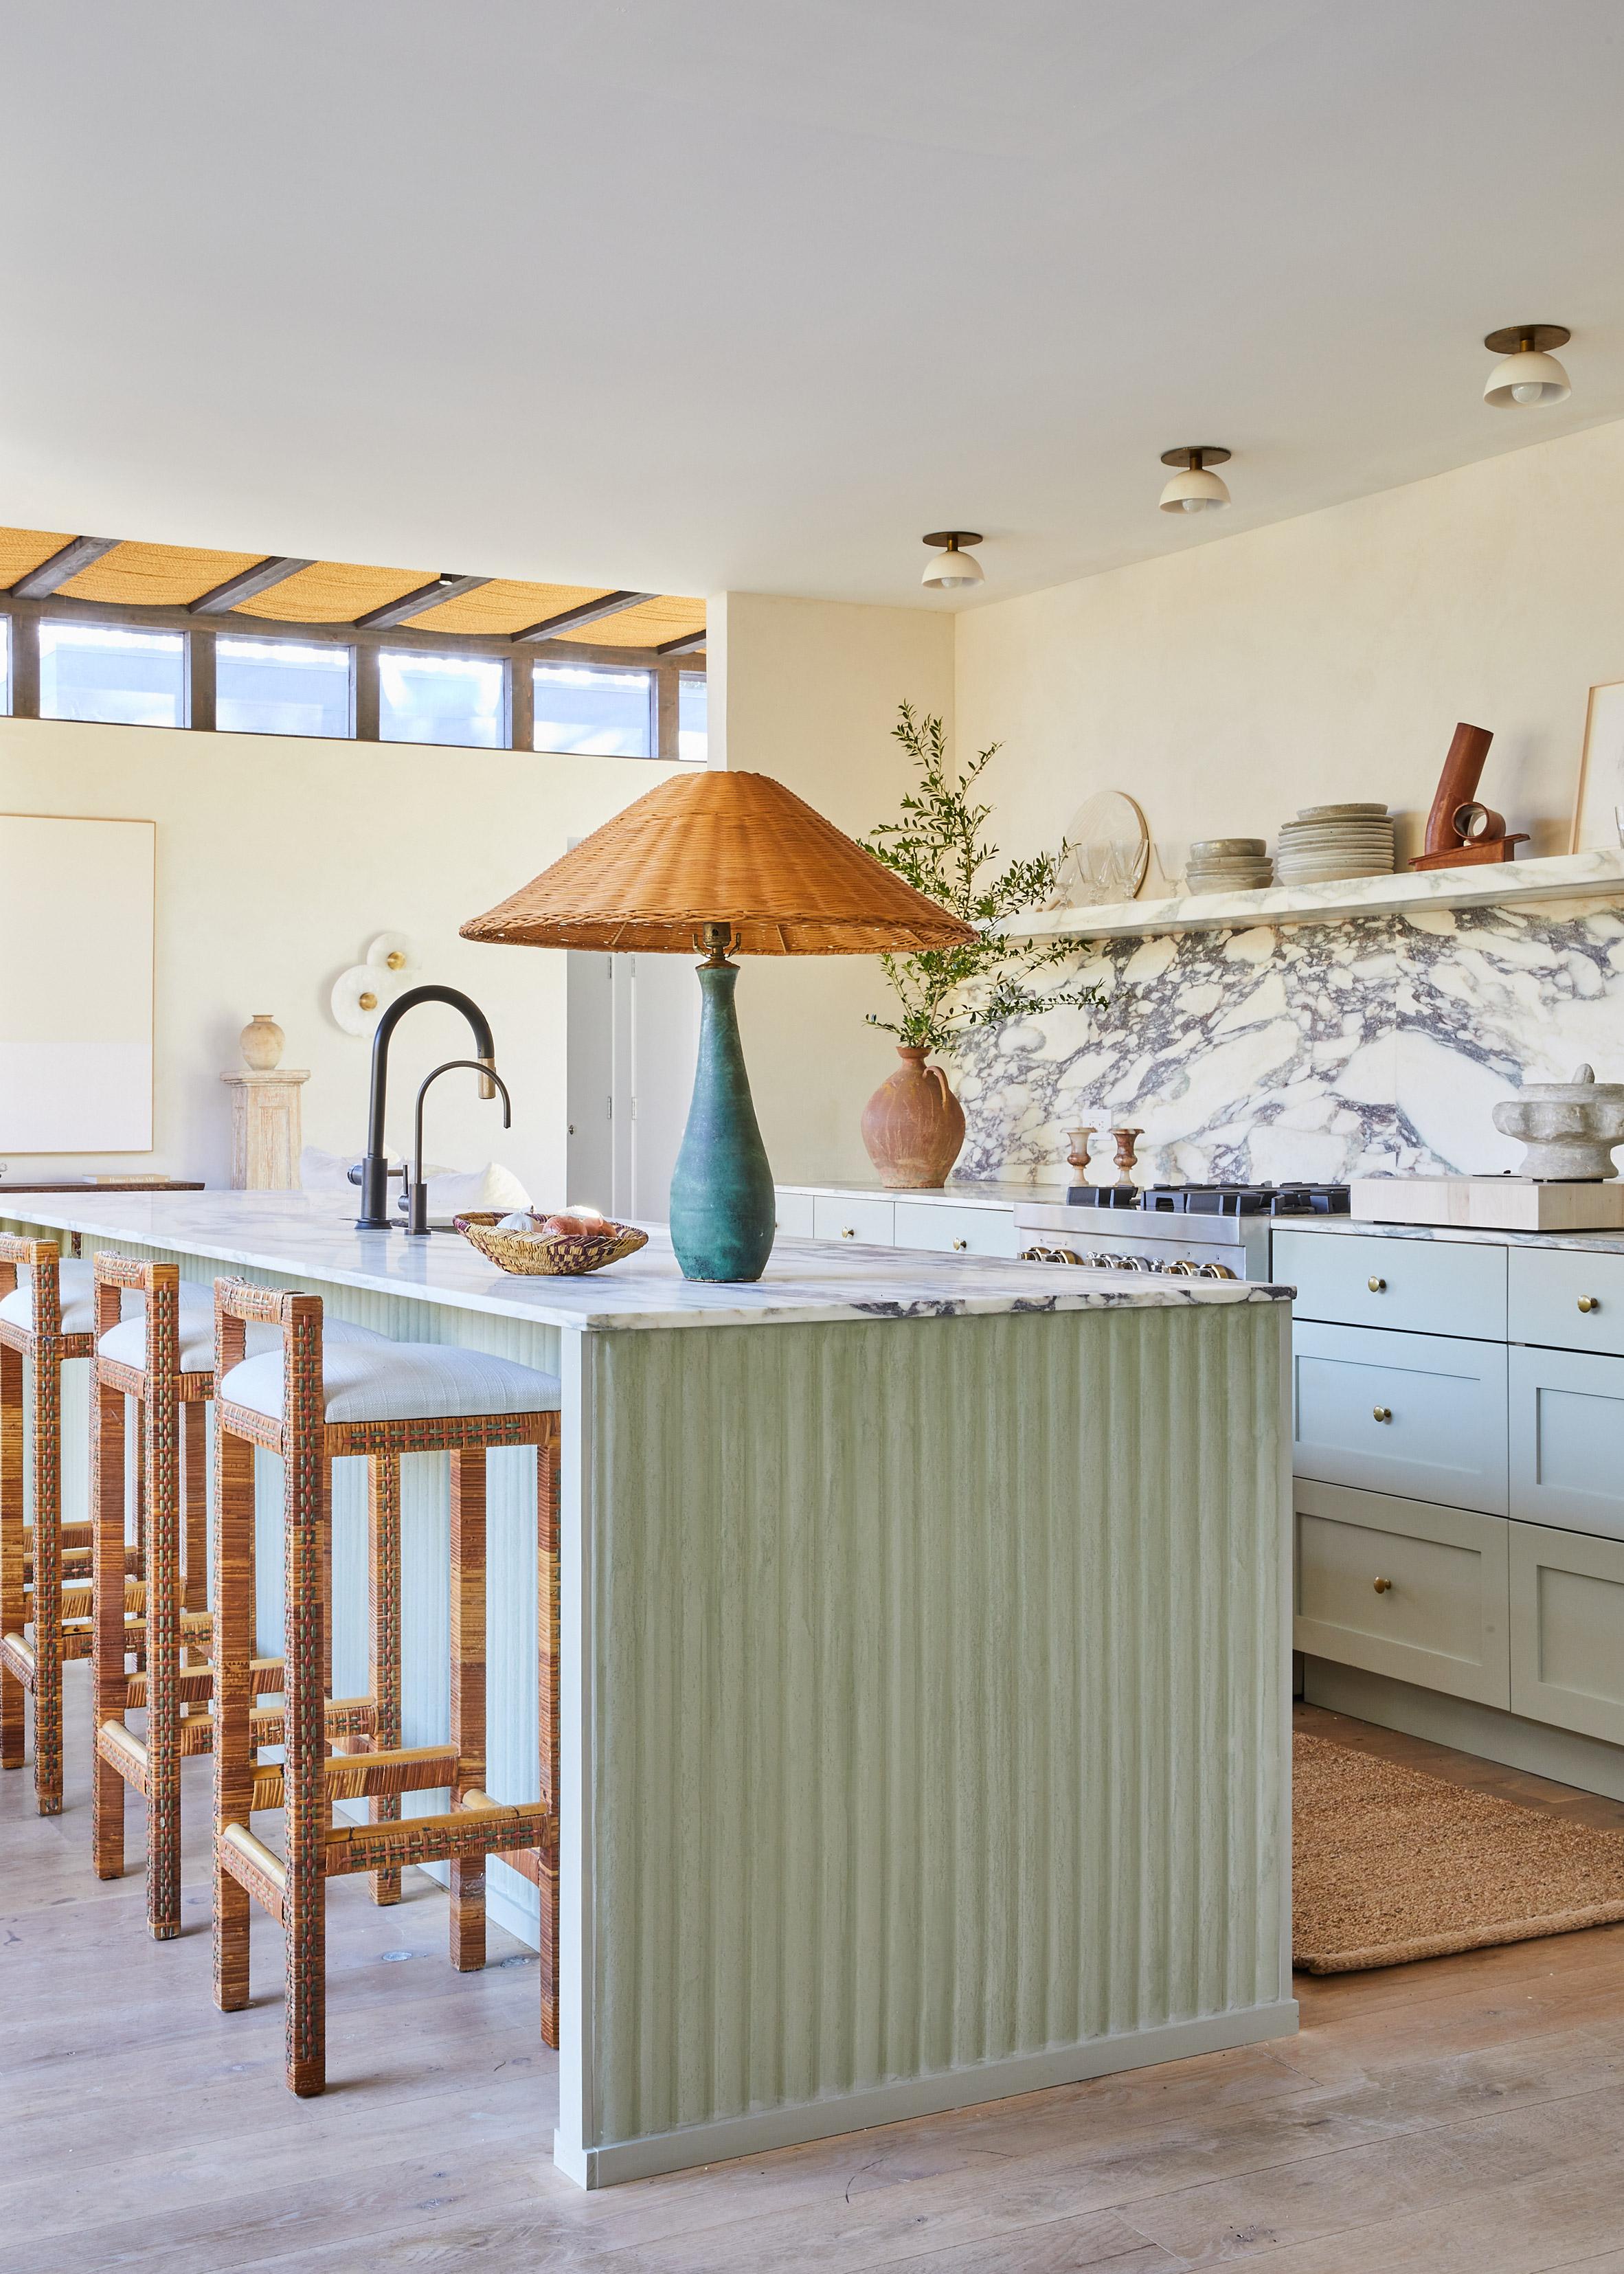 Amagansett house by Athena Calderone